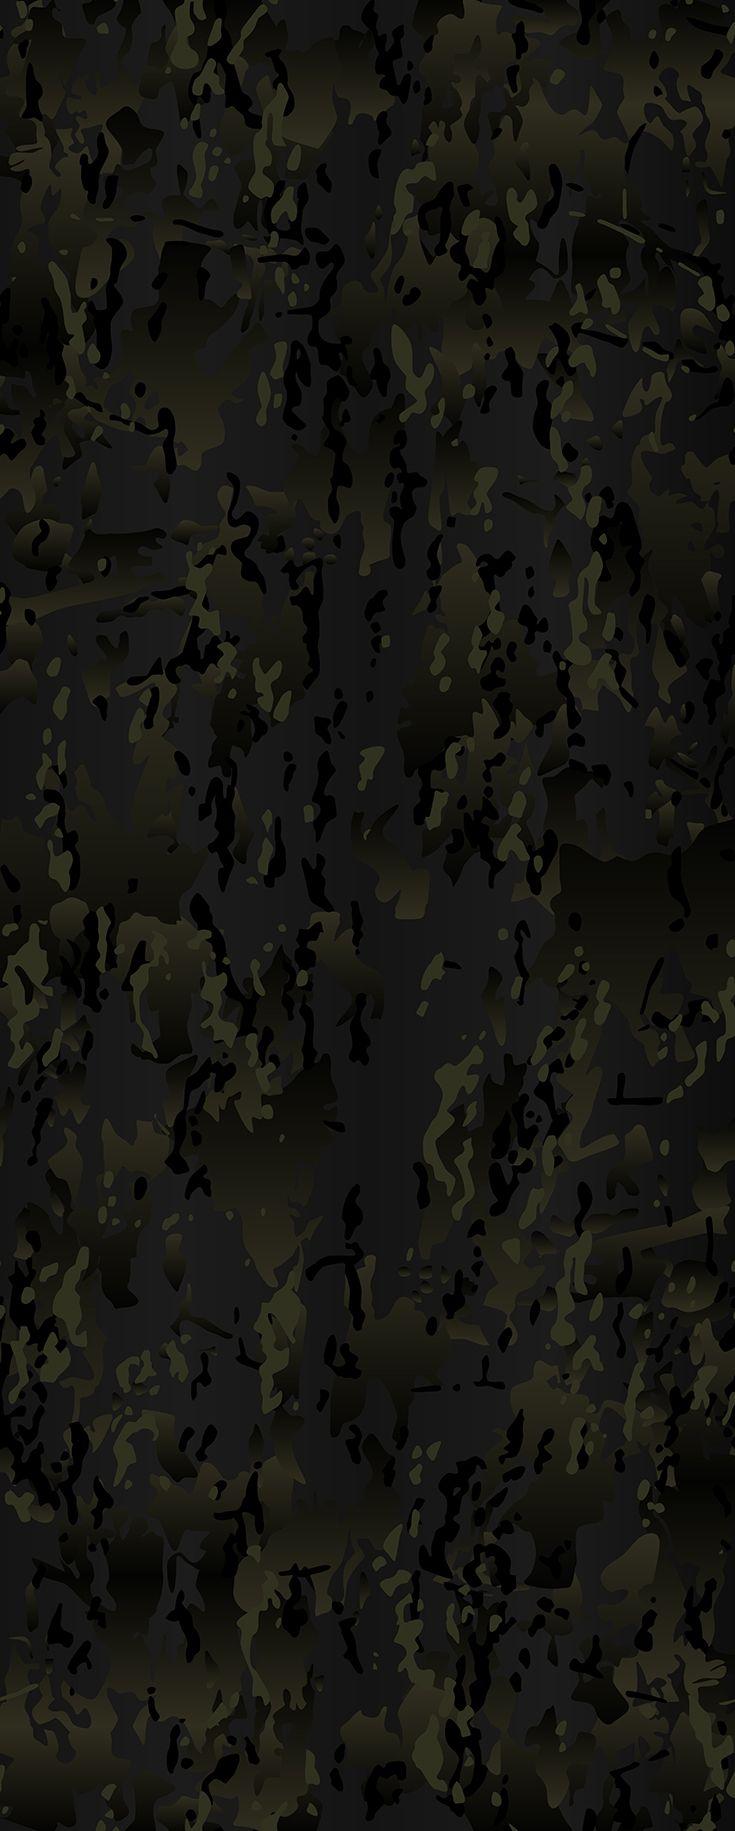 Original Multicam Black vector camouflage pattern for